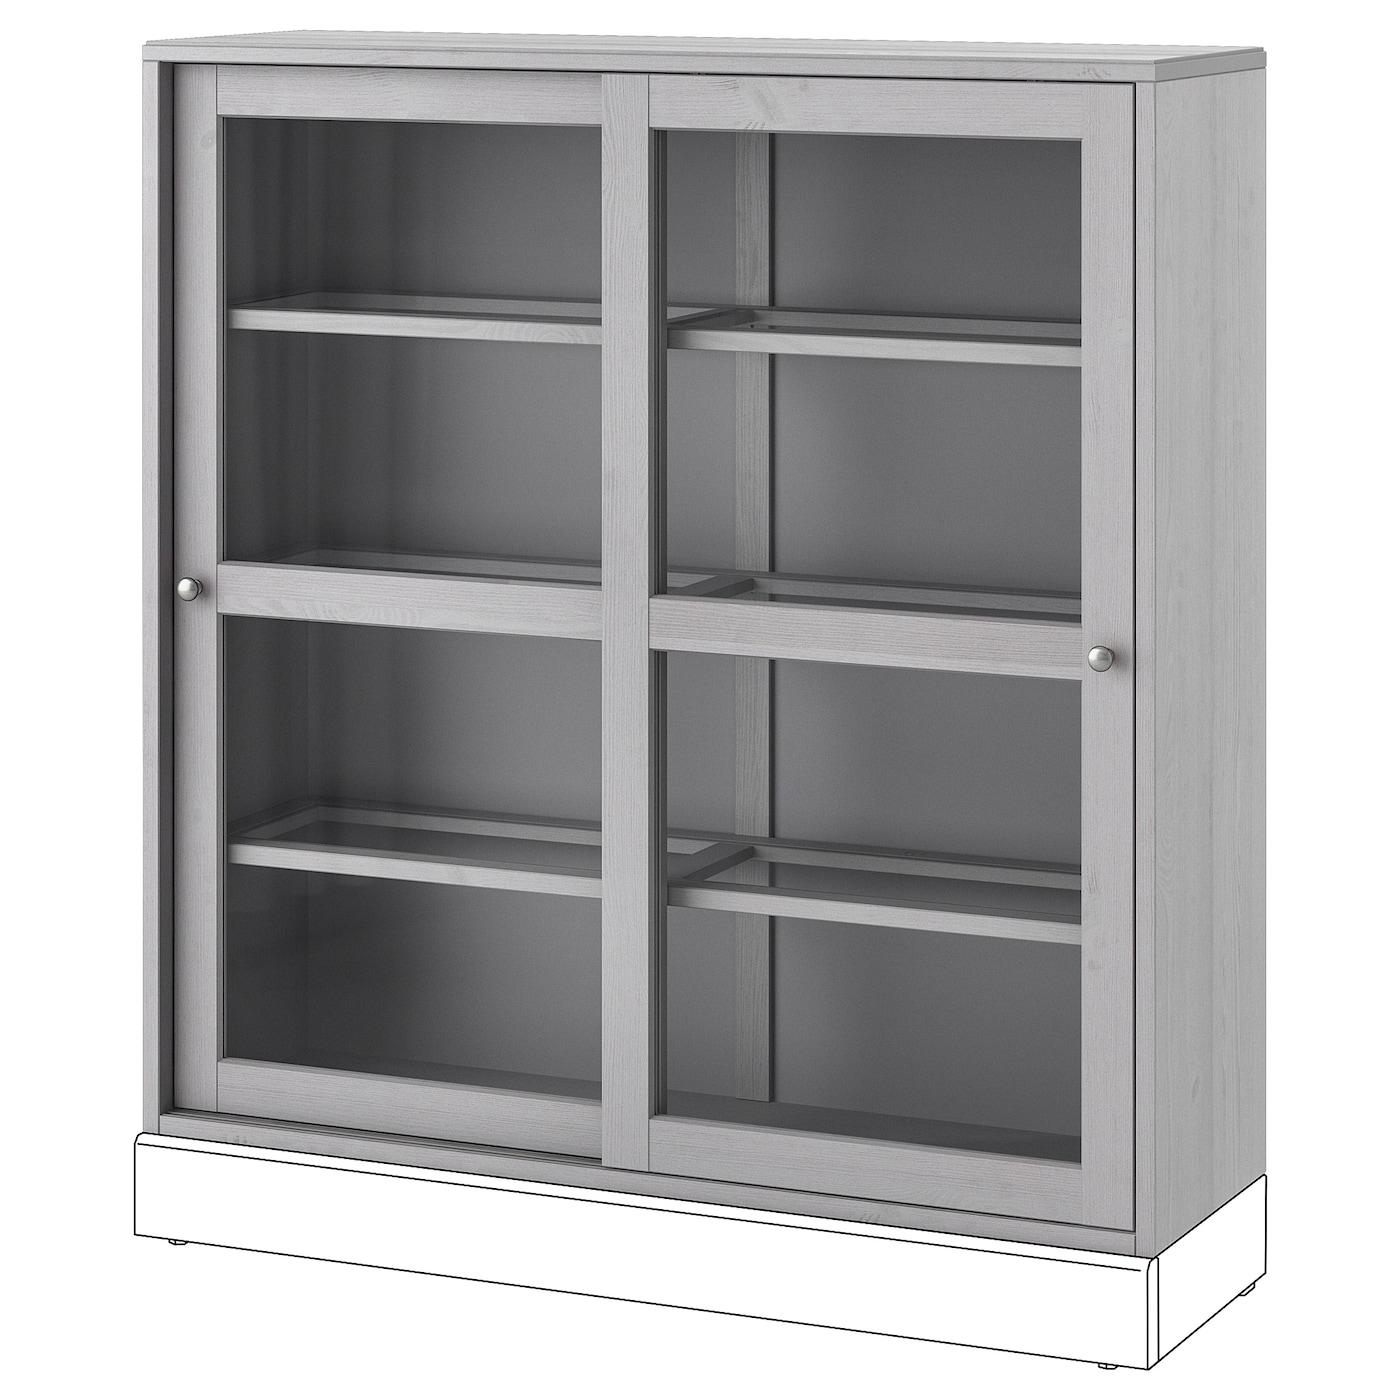 Glazen Vitrinekast Te Koop.Vitrinekast Ikea